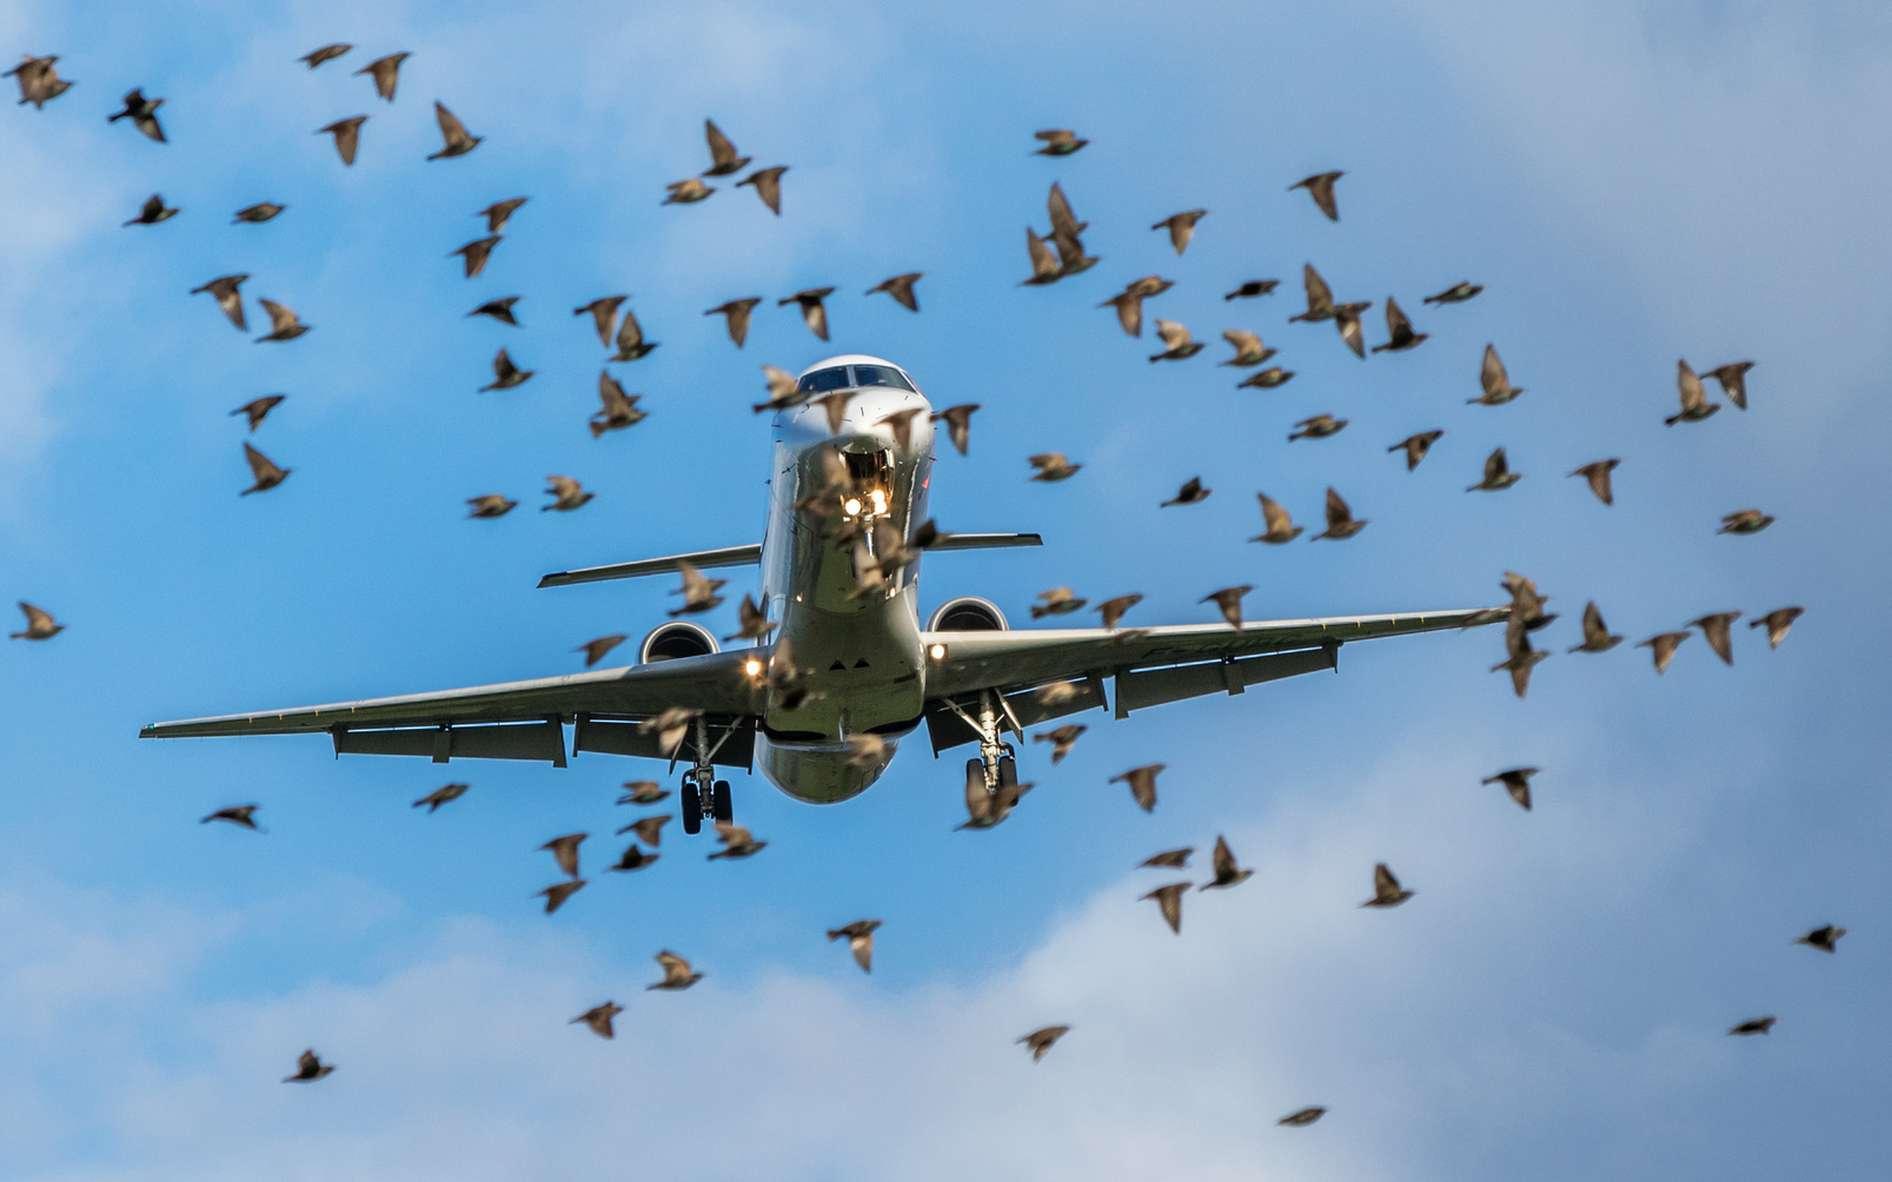 Les groupes d'oiseaux qui croisent la route des avions représentent un grand danger. © Sébastien Delaunay, Fotolia